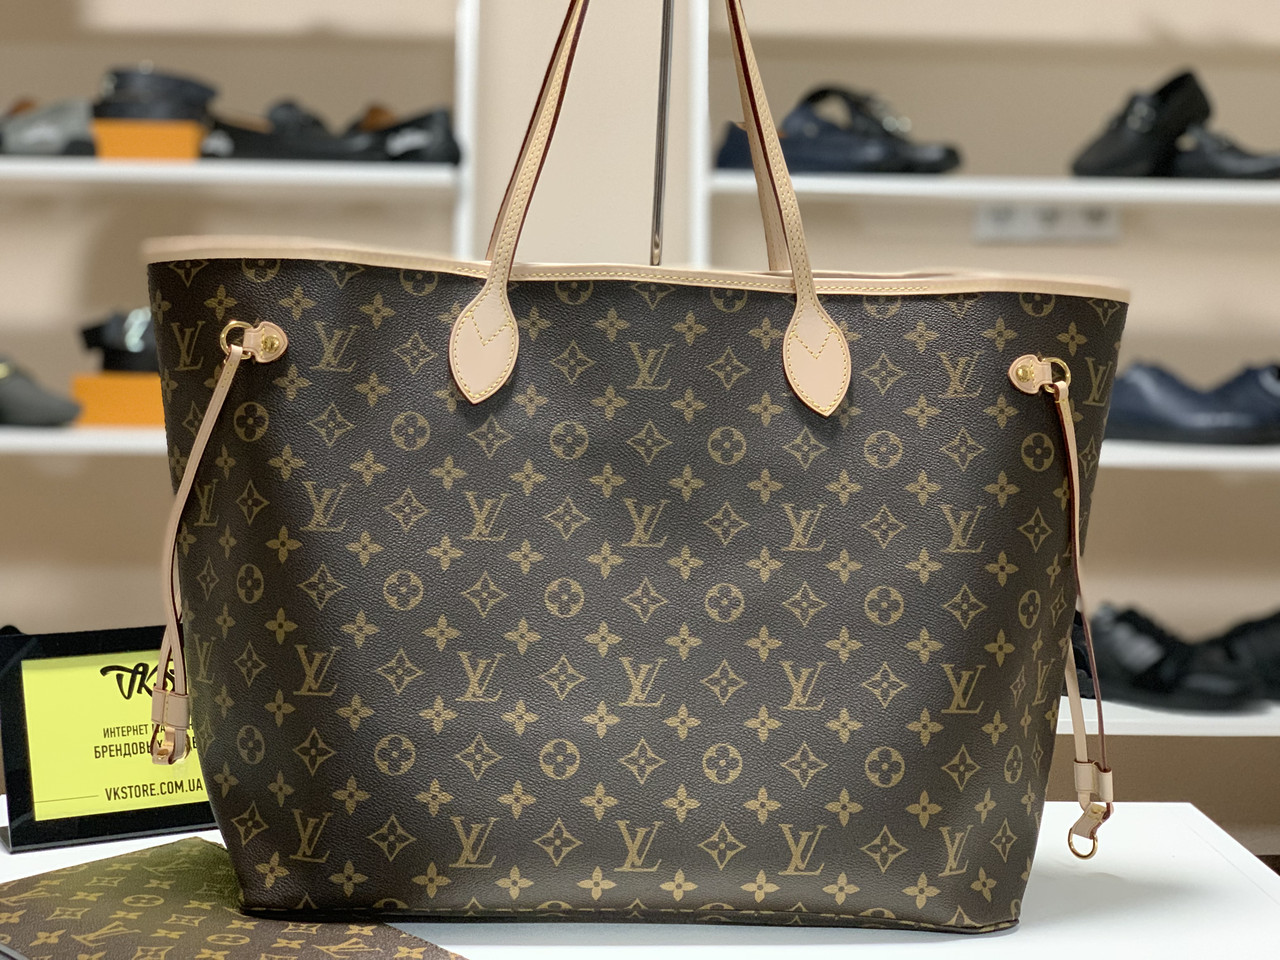 f744cc5bb469 Женская сумка Louis Vuitton Neverfull GM | vkstore.com.ua